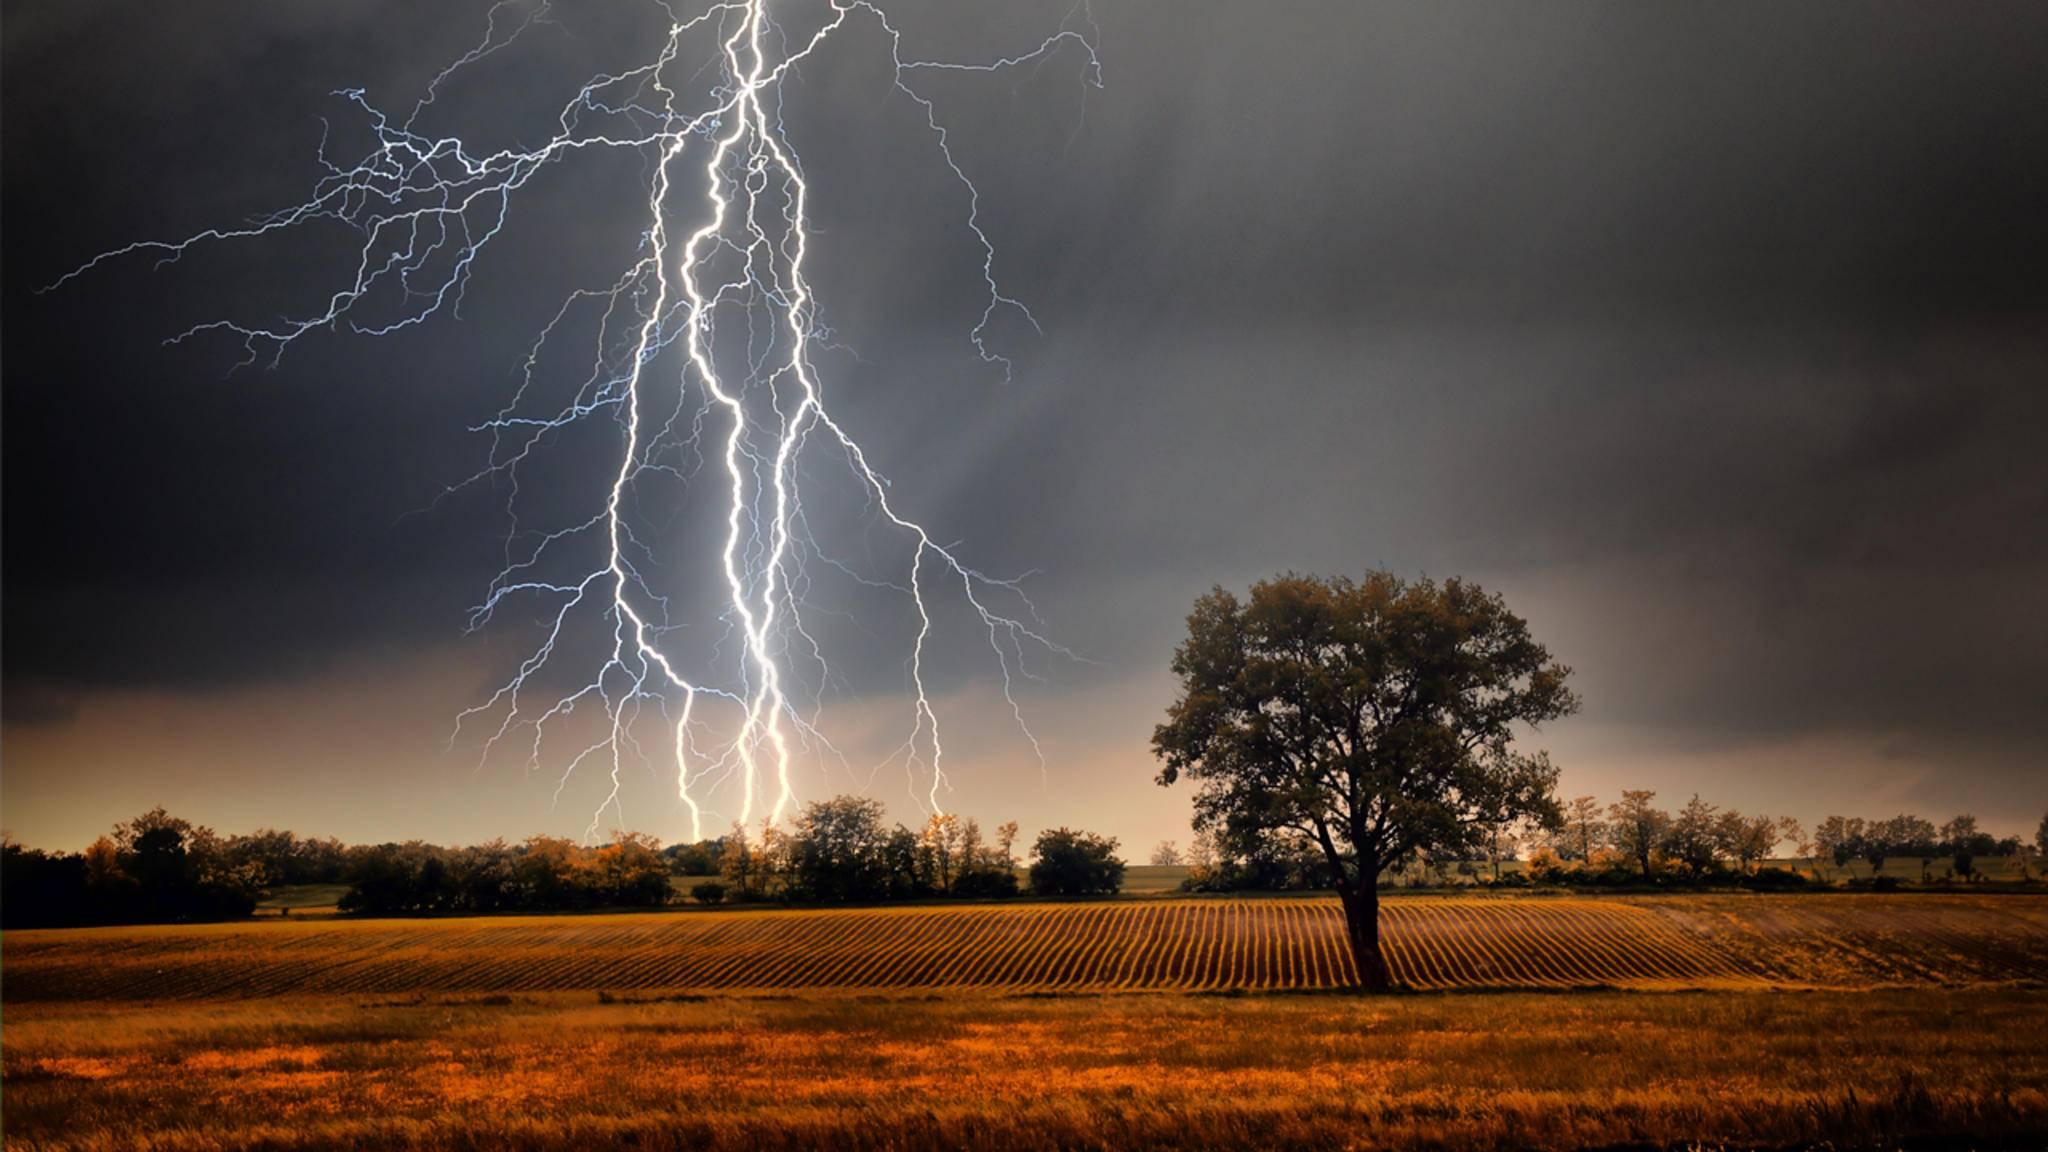 Die Faszination eines Gewitters auf ein Foto bannen? Das ist einfacher, als Du vielleicht denkst.